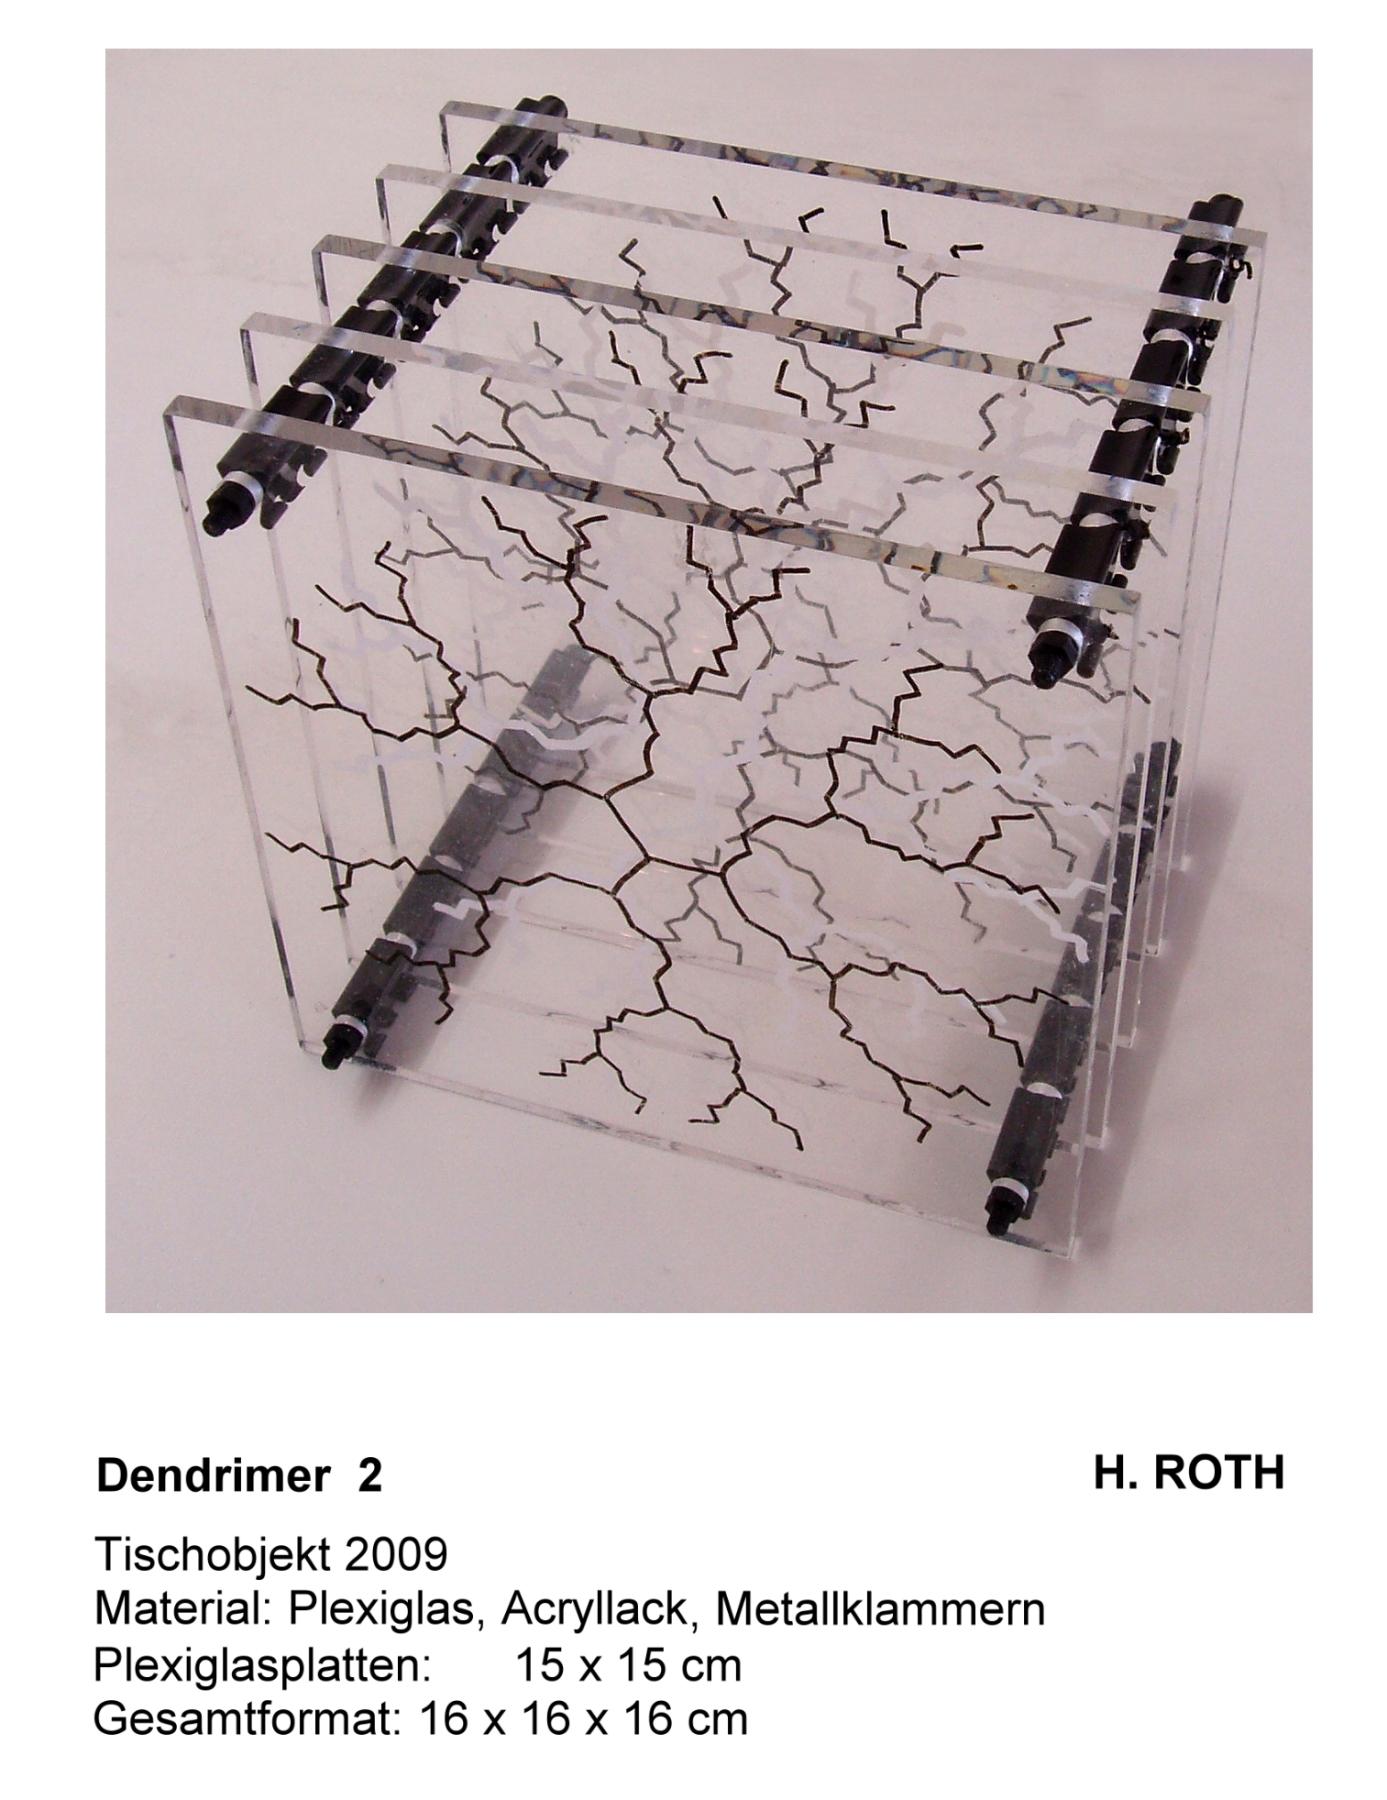 Dendrimer 2